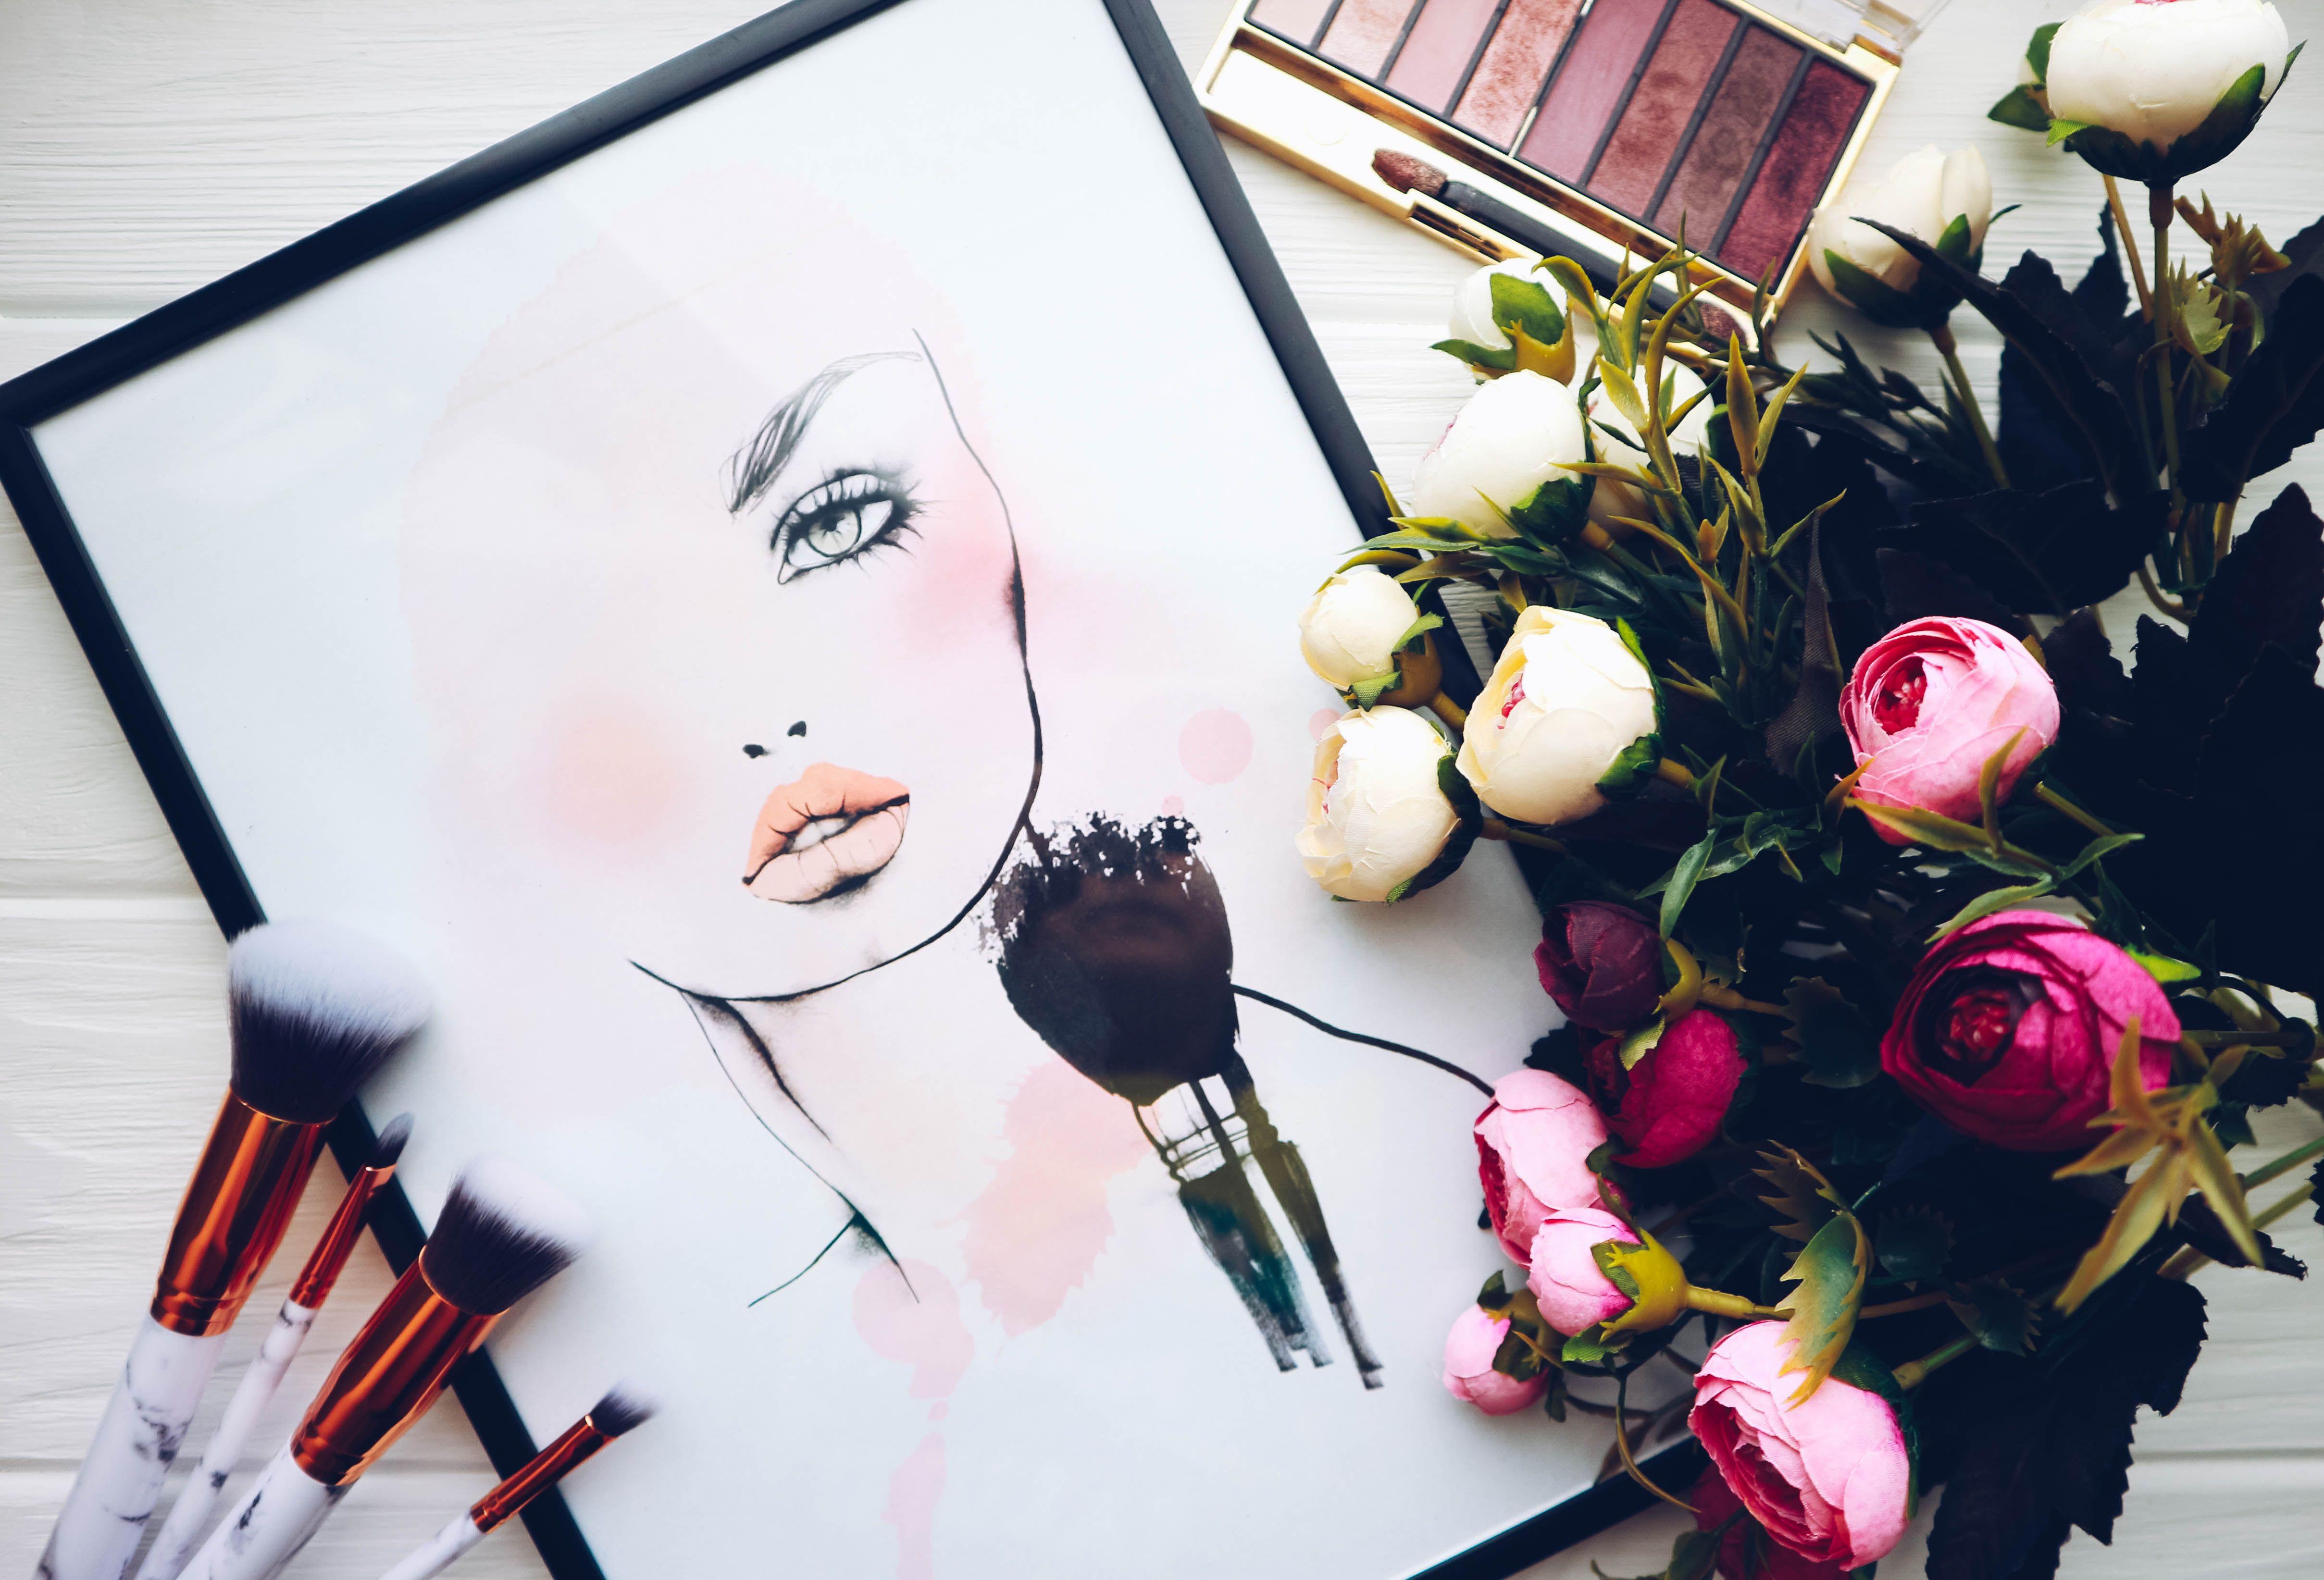 фотографии, бровист картинки для инстаграма достать розовую морскую